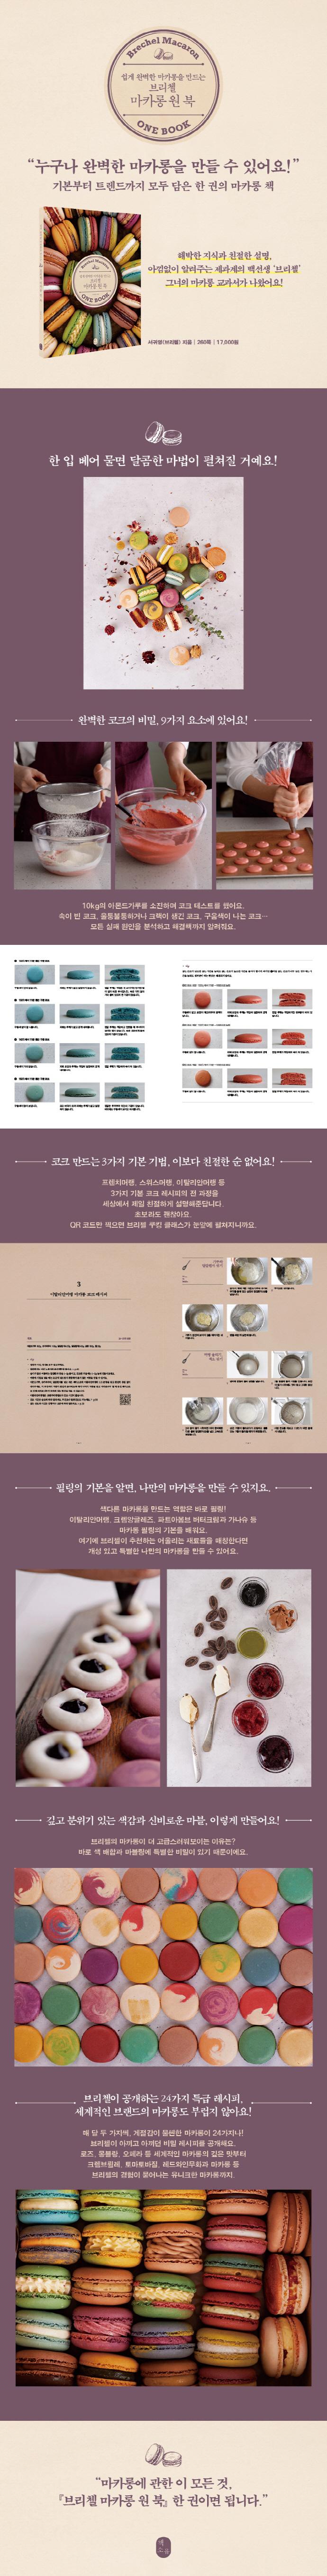 브리첼 마카롱 원 북(쉽게 완벽한 마카롱을 만드는) 도서 상세이미지